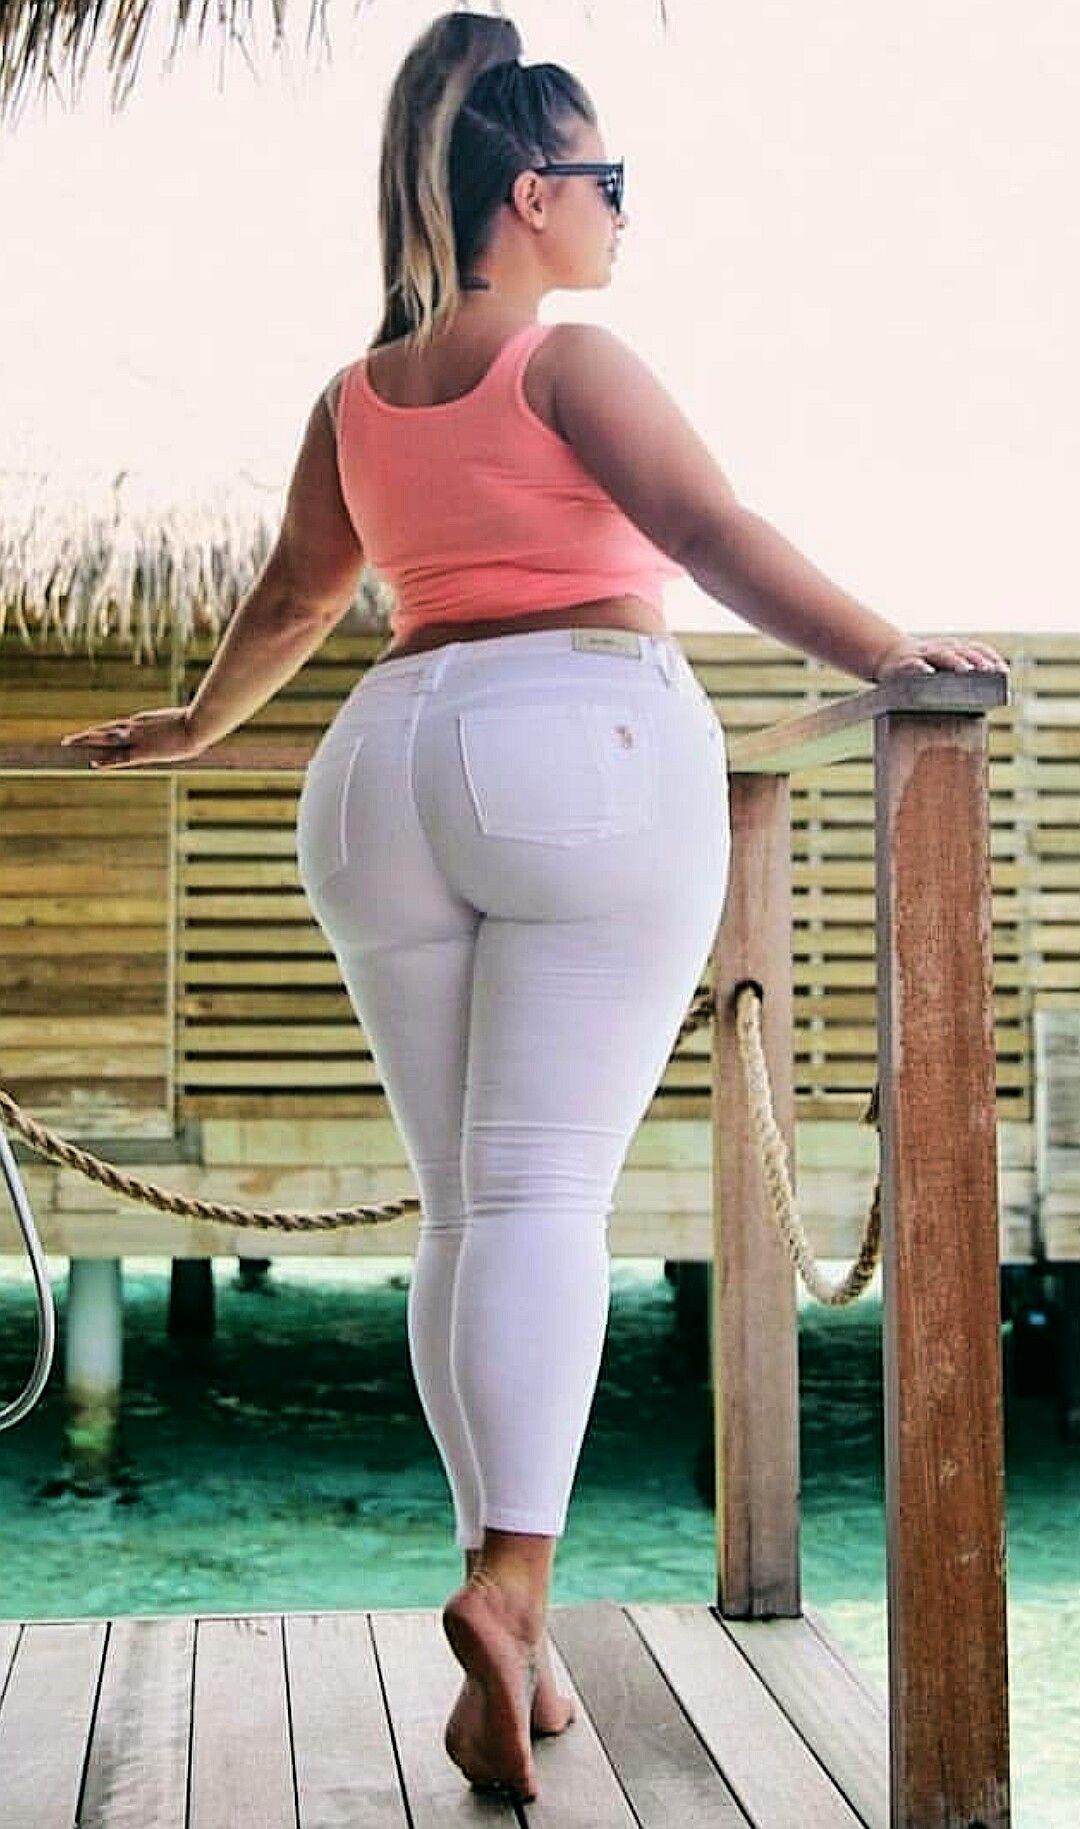 Ssbbw ass in dress vpl